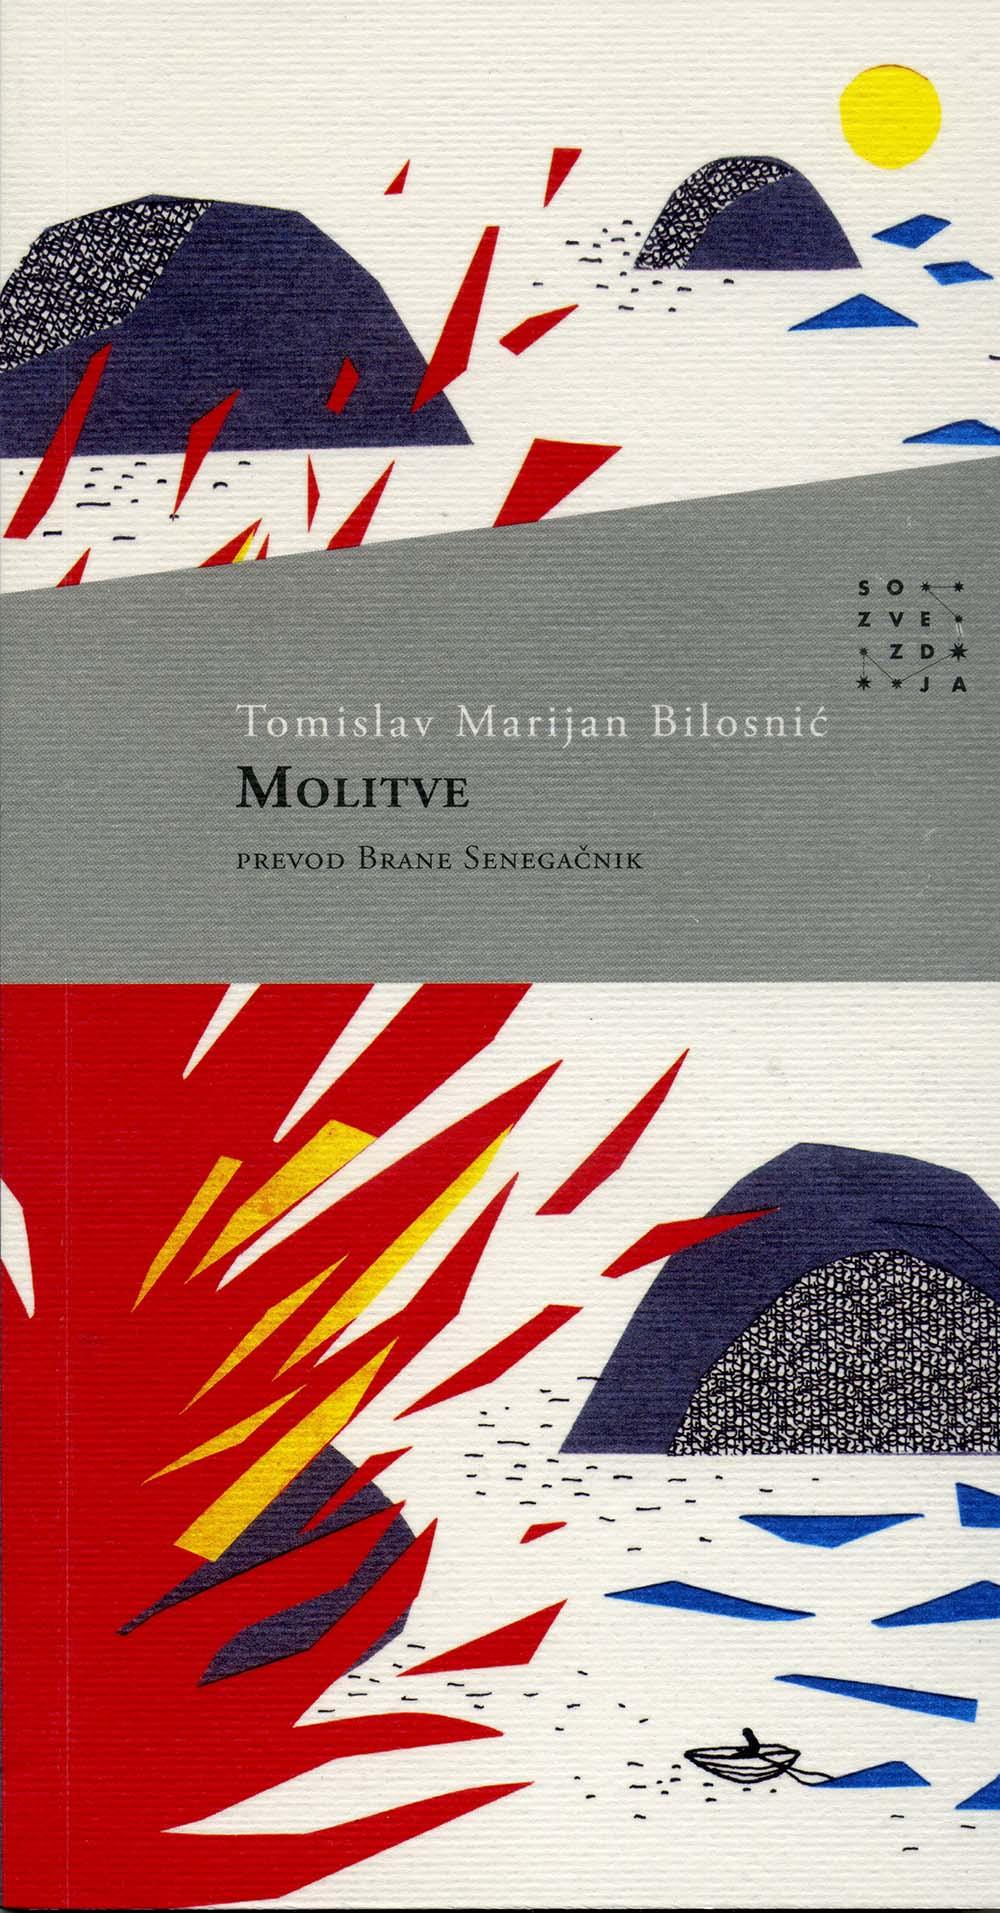 Predstavljene MOLITVE Tomislava Marijana Bilosnića na slovenskom